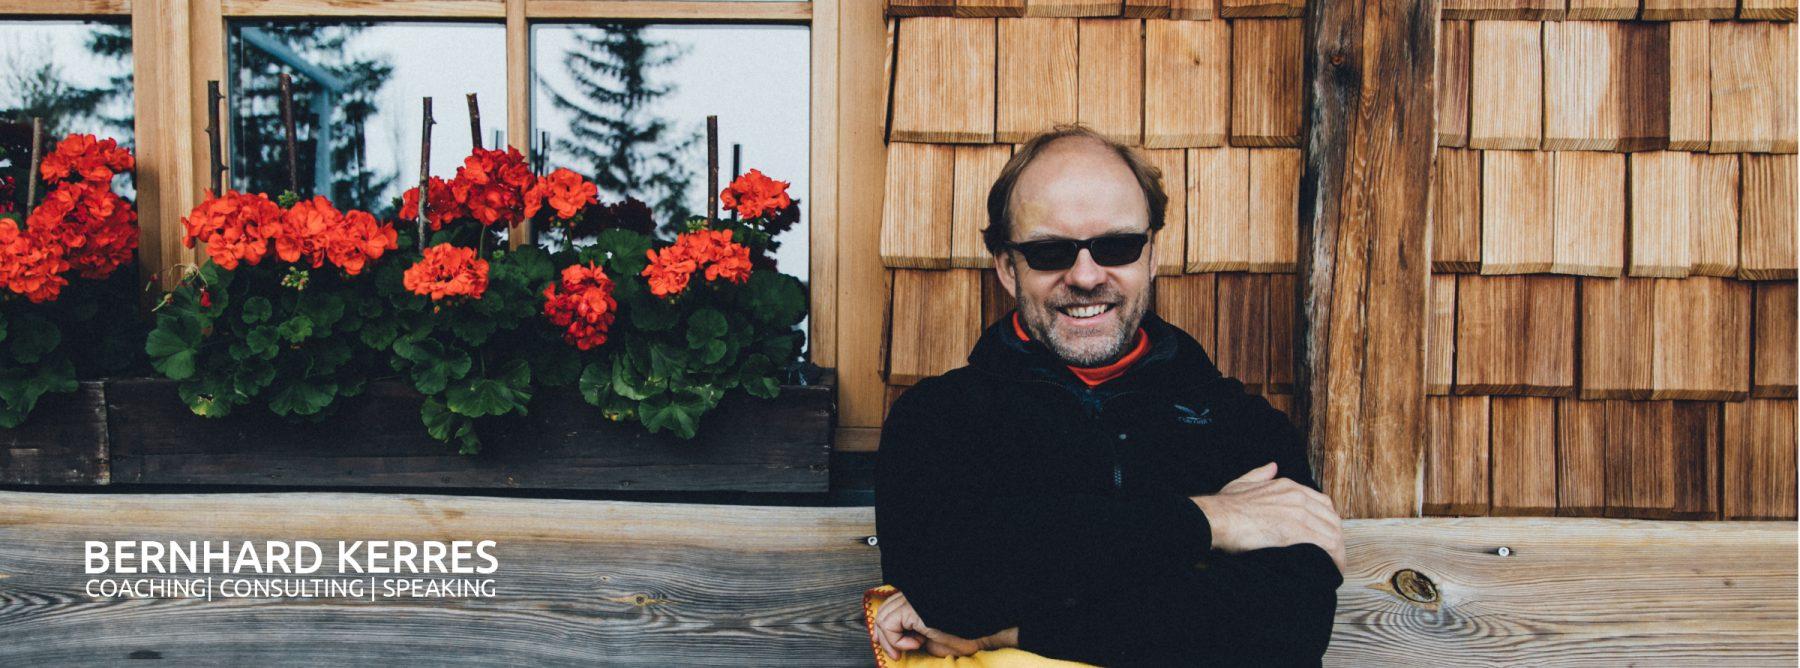 Bernhard Kerres - Coach, Consultant, Speaker